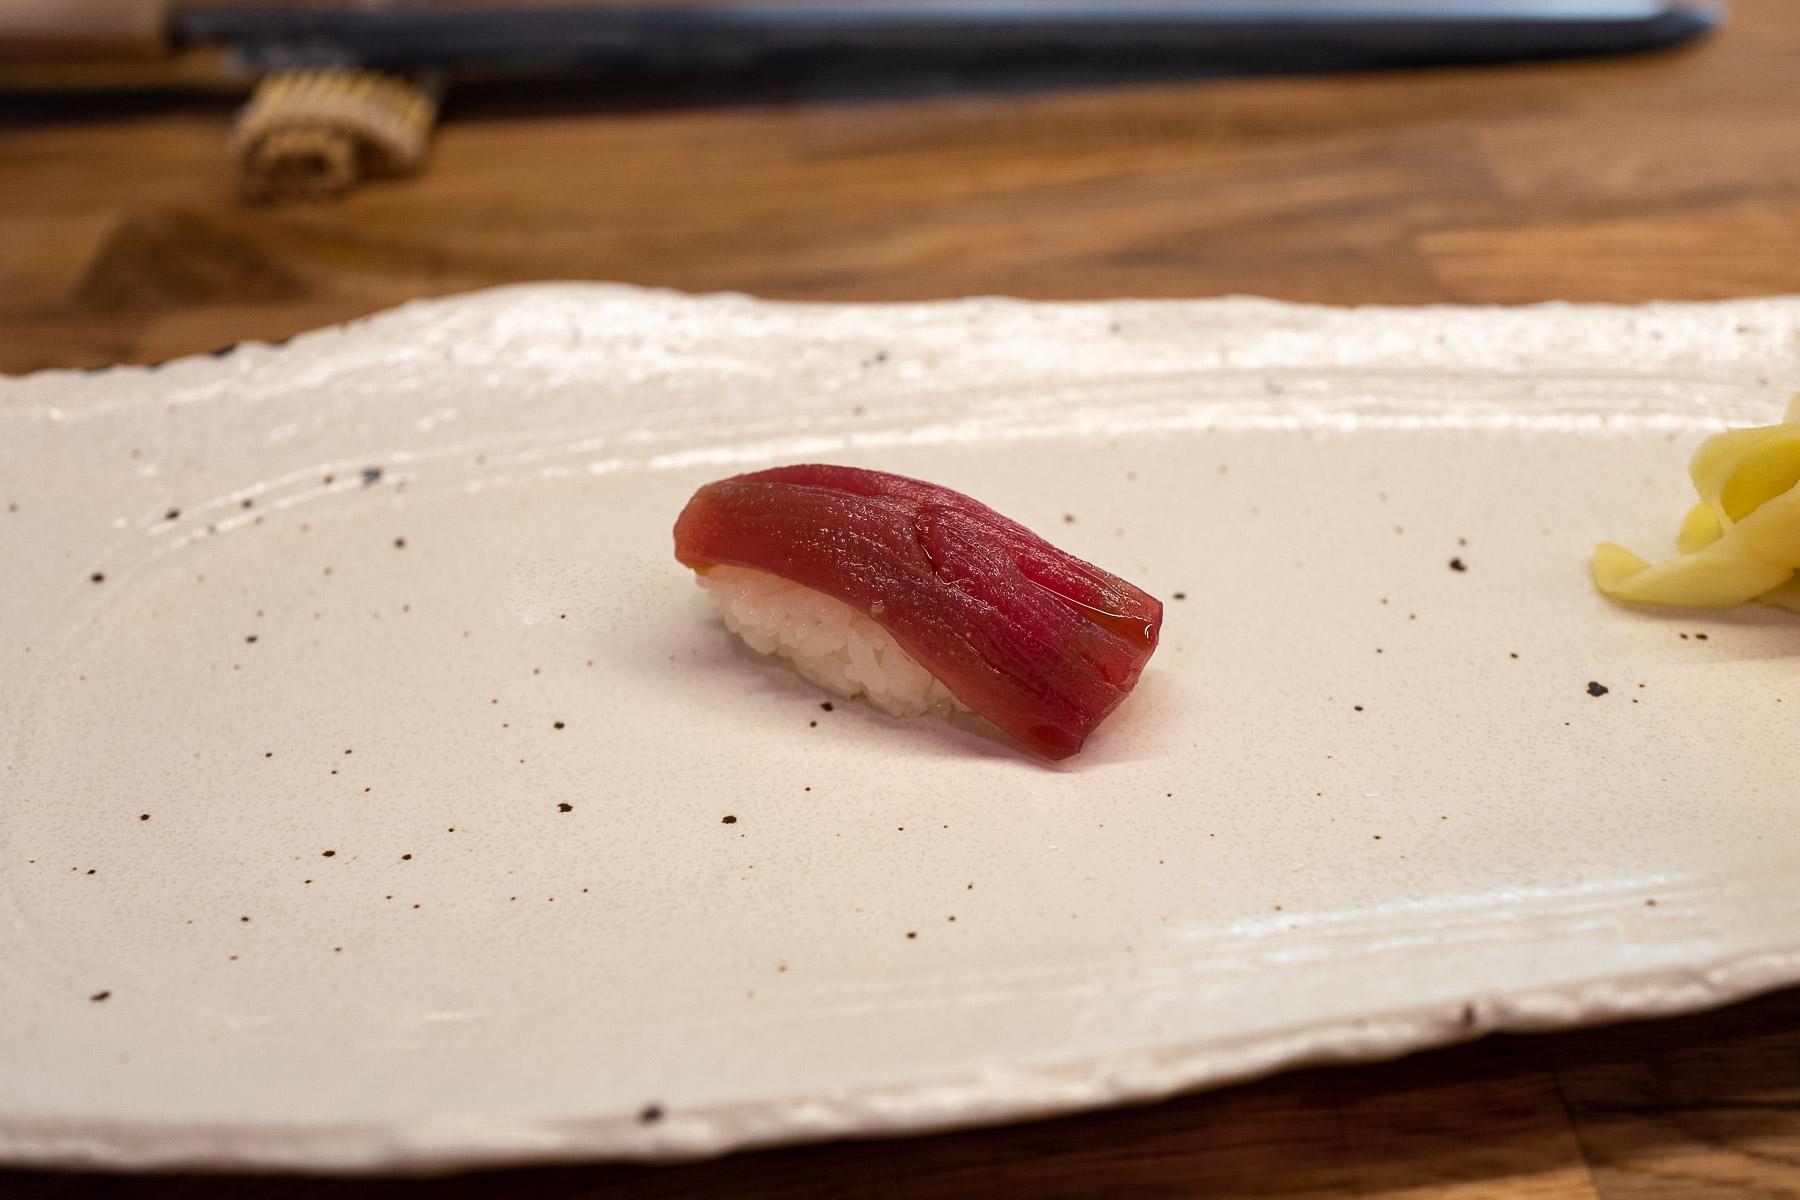 akami (chuda część tuńczyka błękitnopłetwego) z nikiri